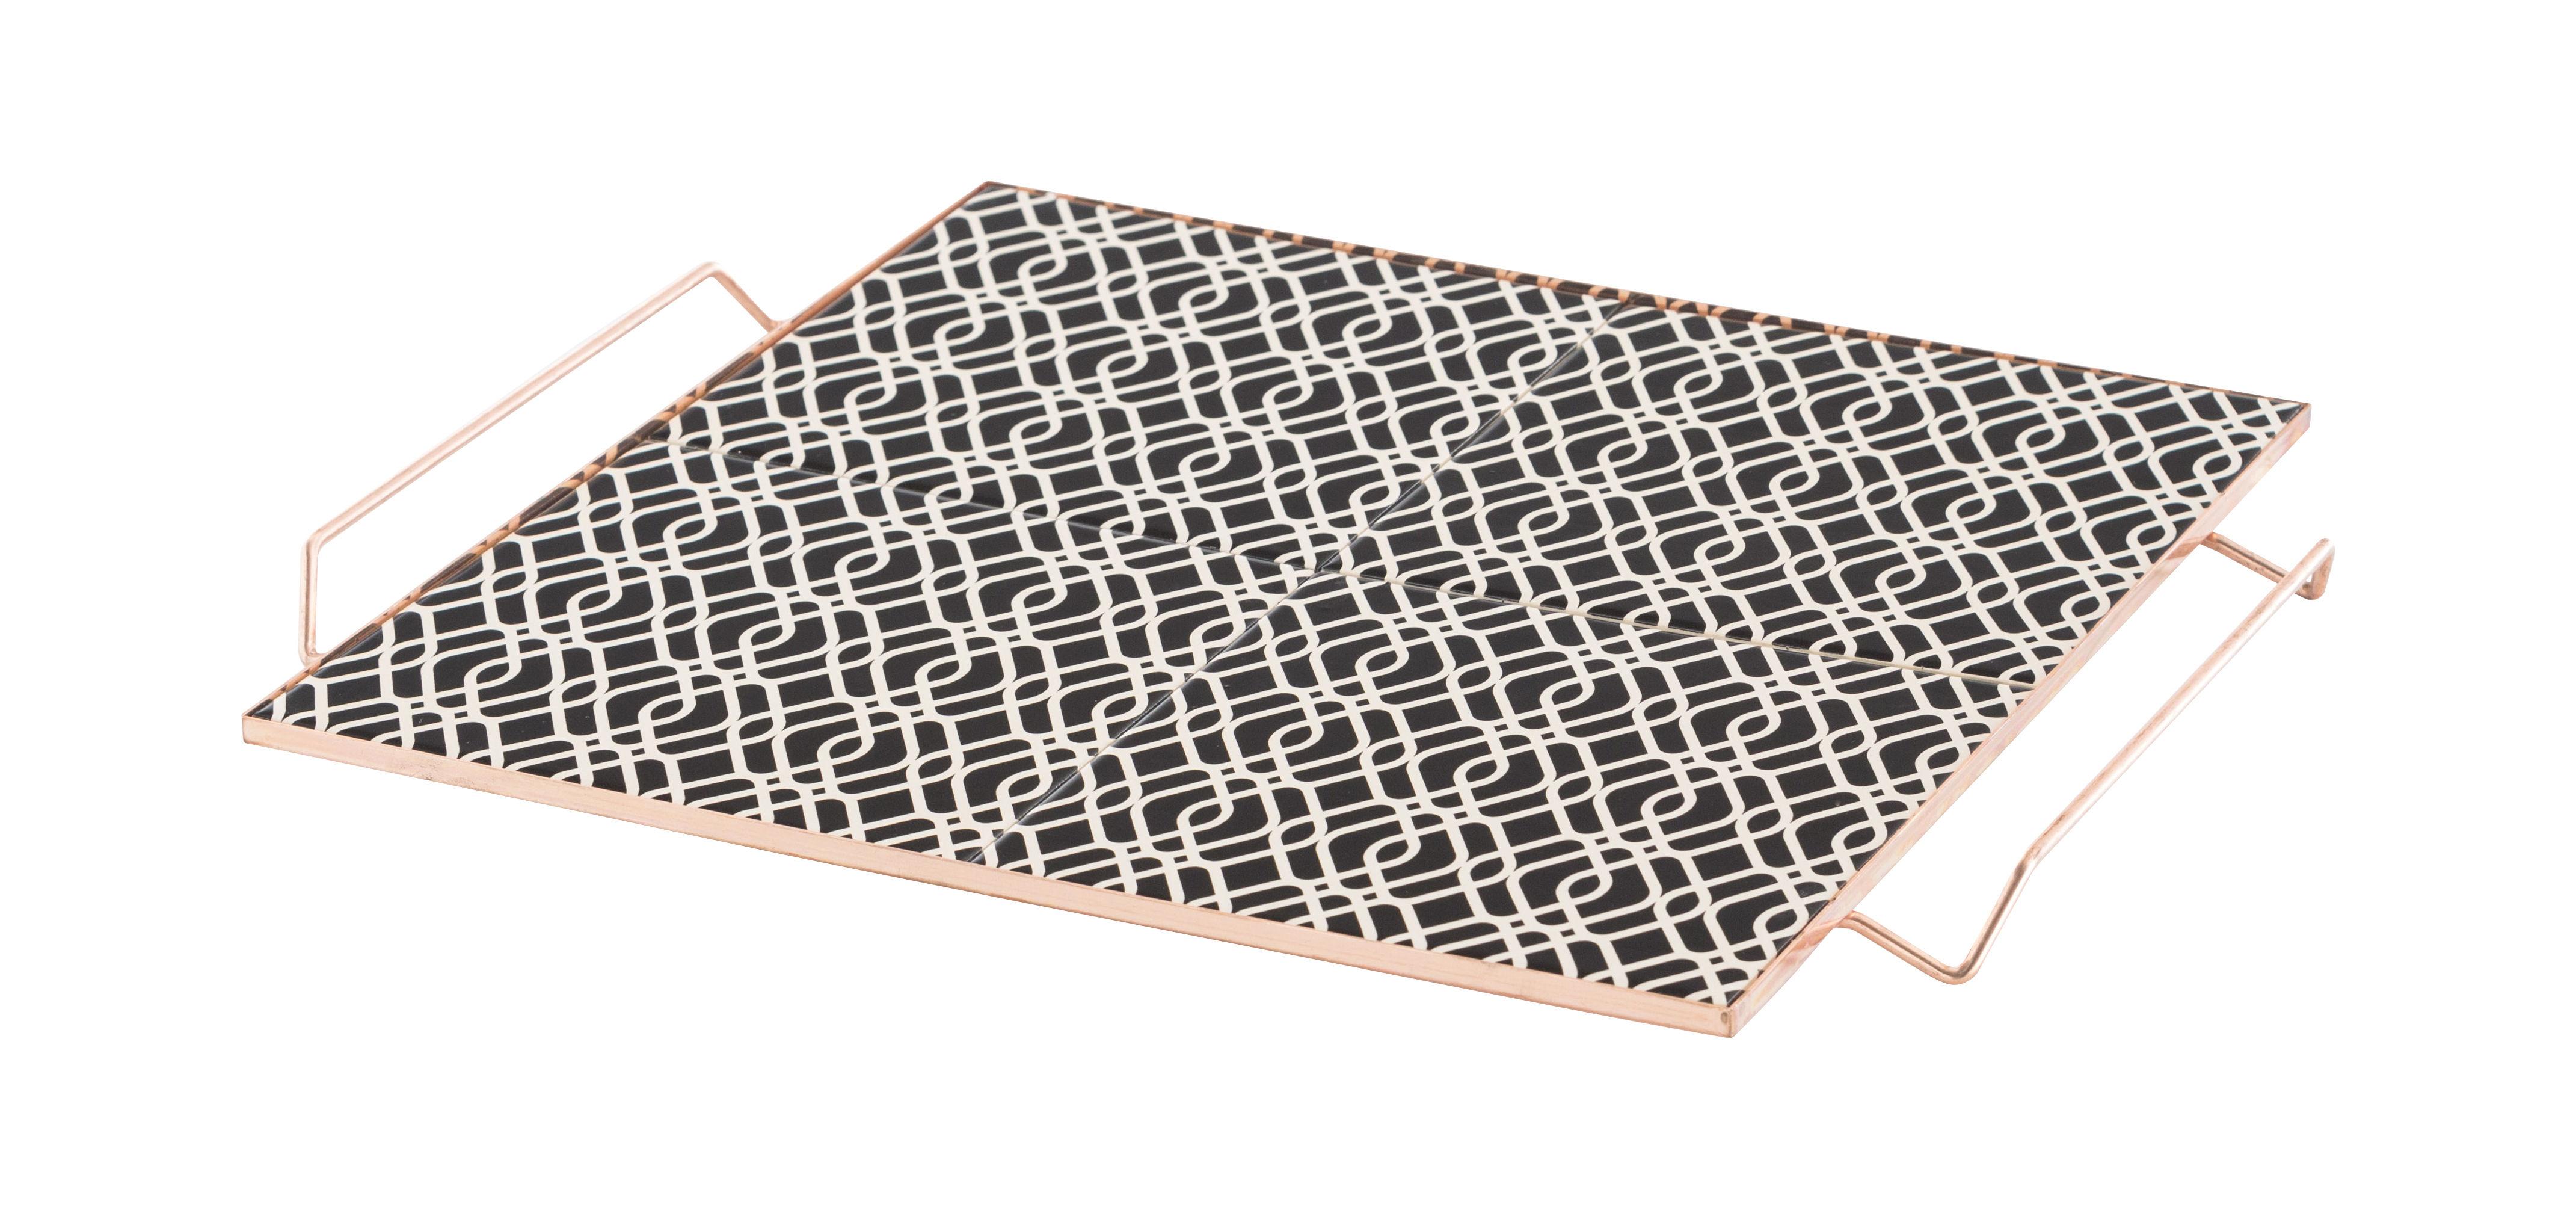 Tavola - Vassoi  - Vassoio Mix&Match / 40 x 40 cm - Ceramica & rame - Gan - 40 x 40 cm / Nero - Aluminium plaqué cuivre, Ceramica